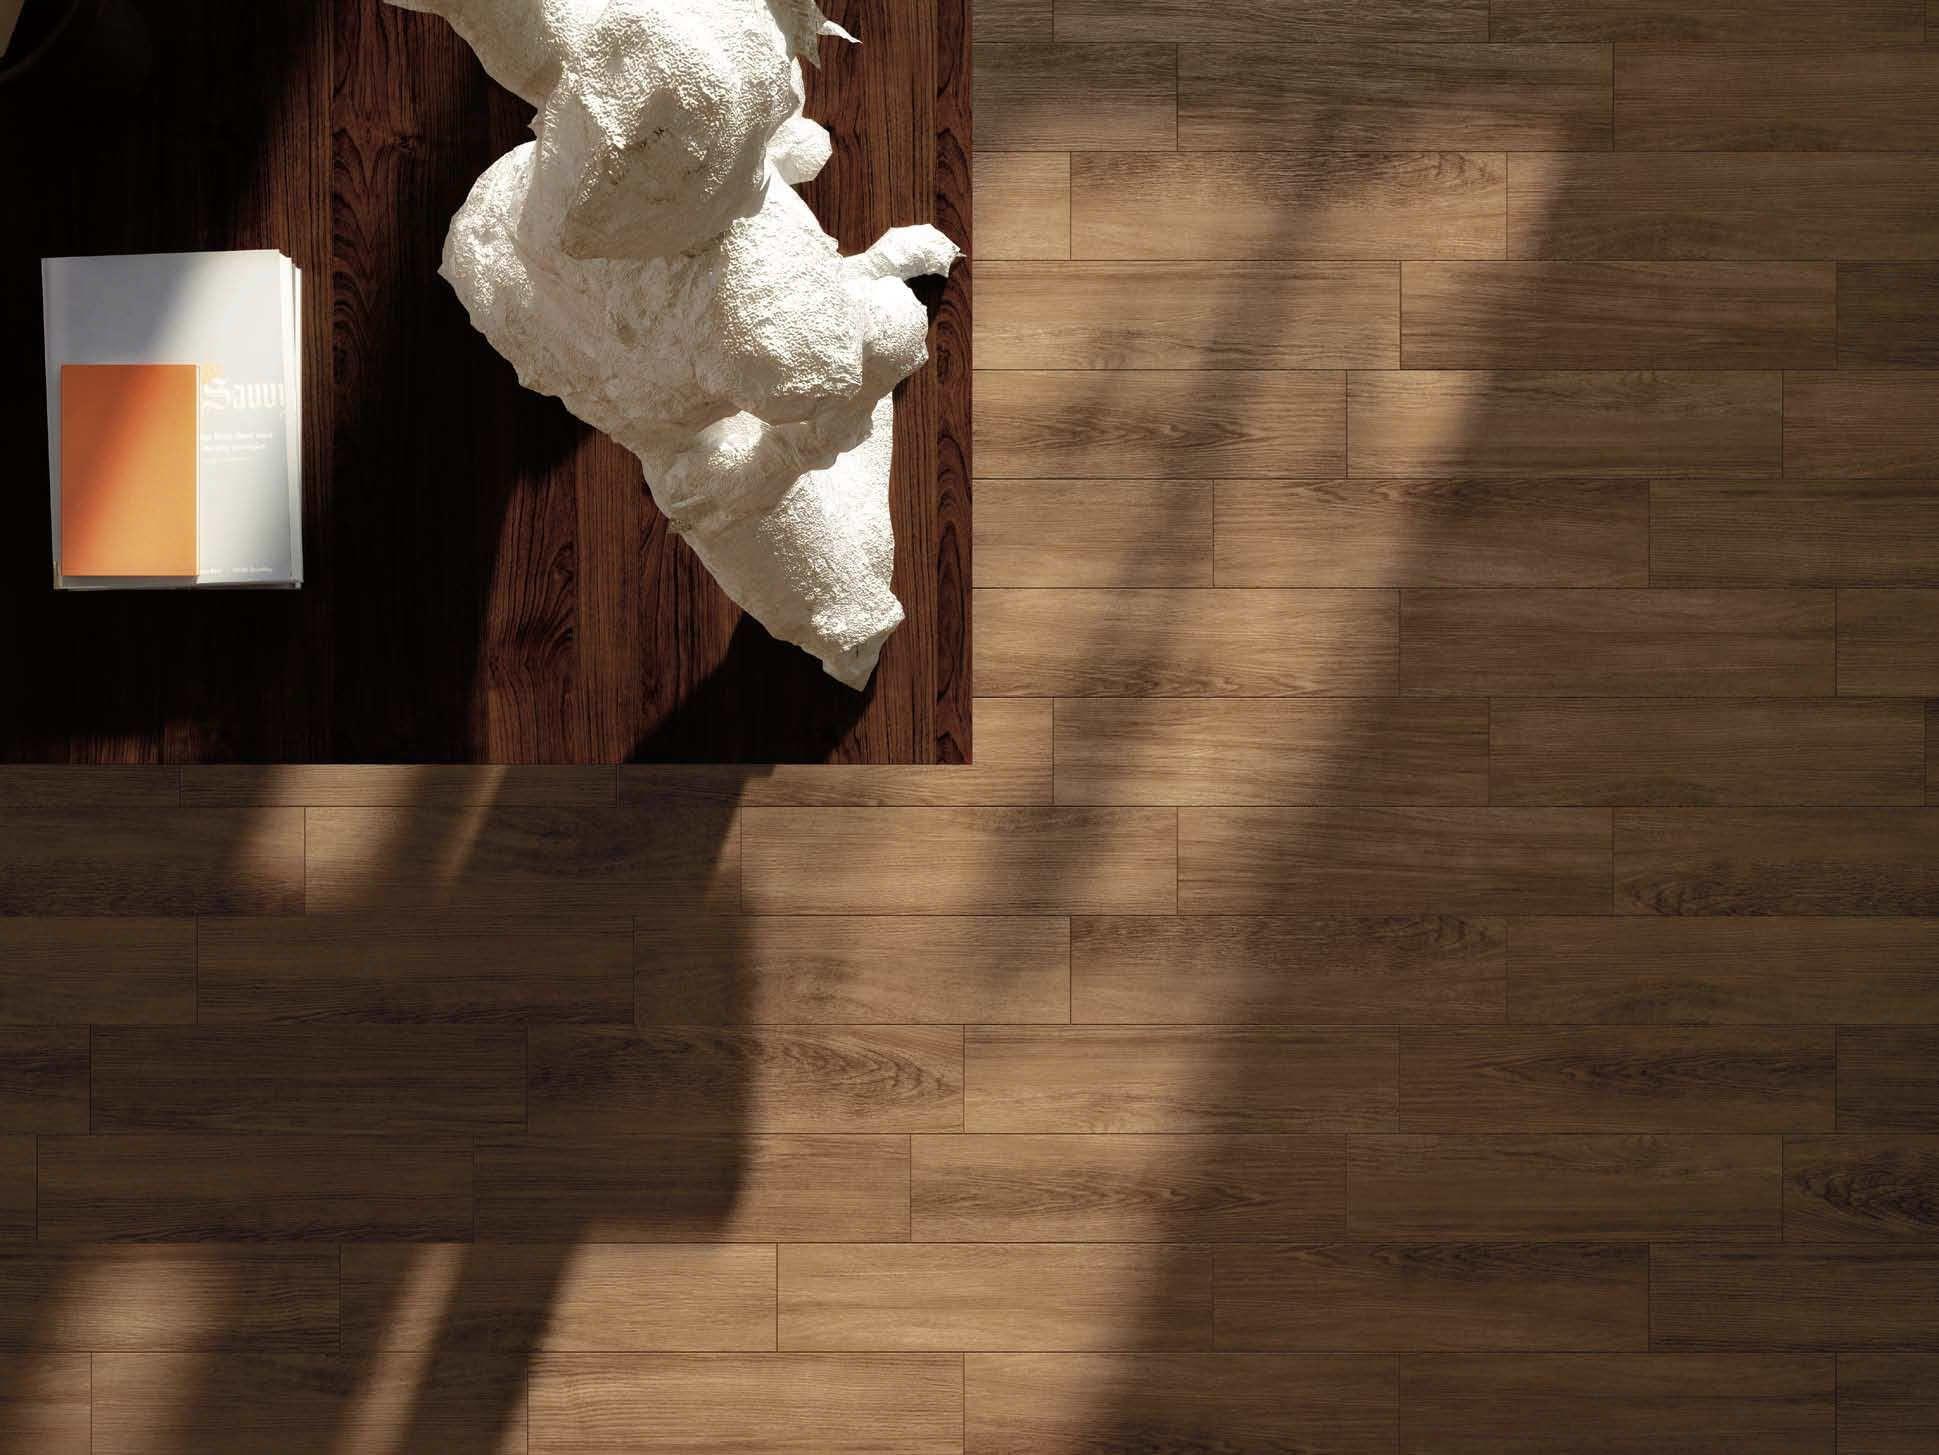 Baldosa suelo gres porcelanico interior imitacion parquet - Suelo imitacion parquet ...